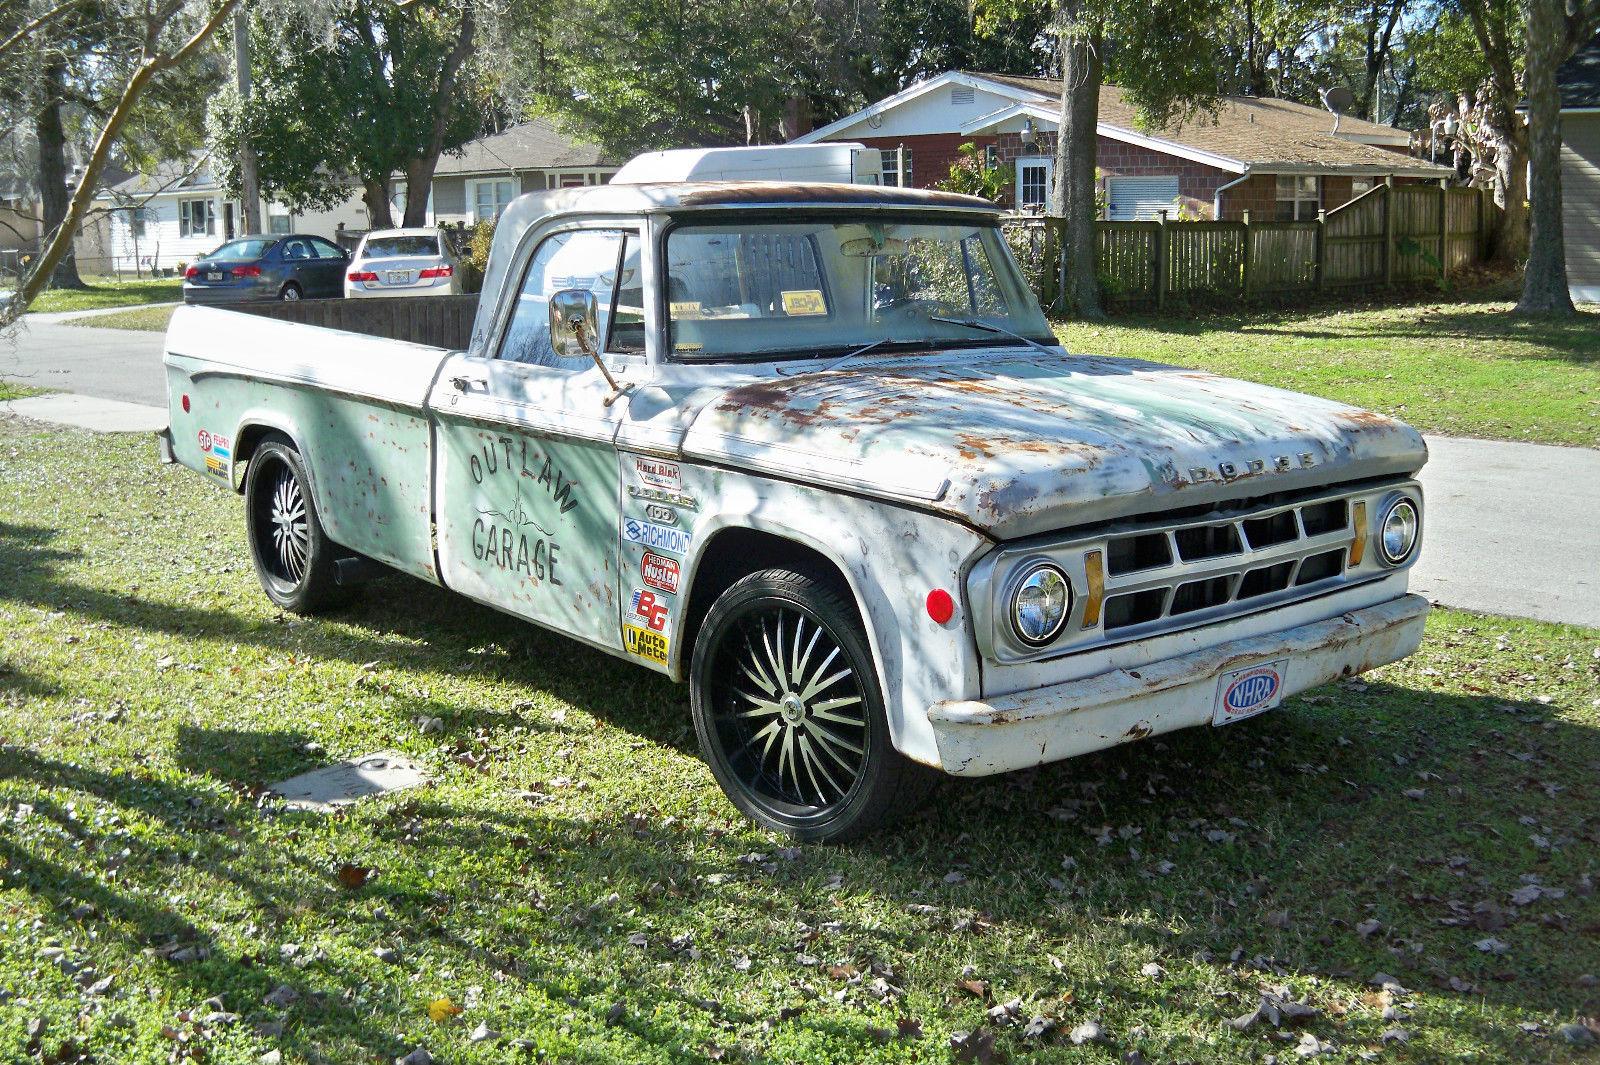 1968 Dodge D100 Classic - Rat Rod Garage Truck - Ages ...